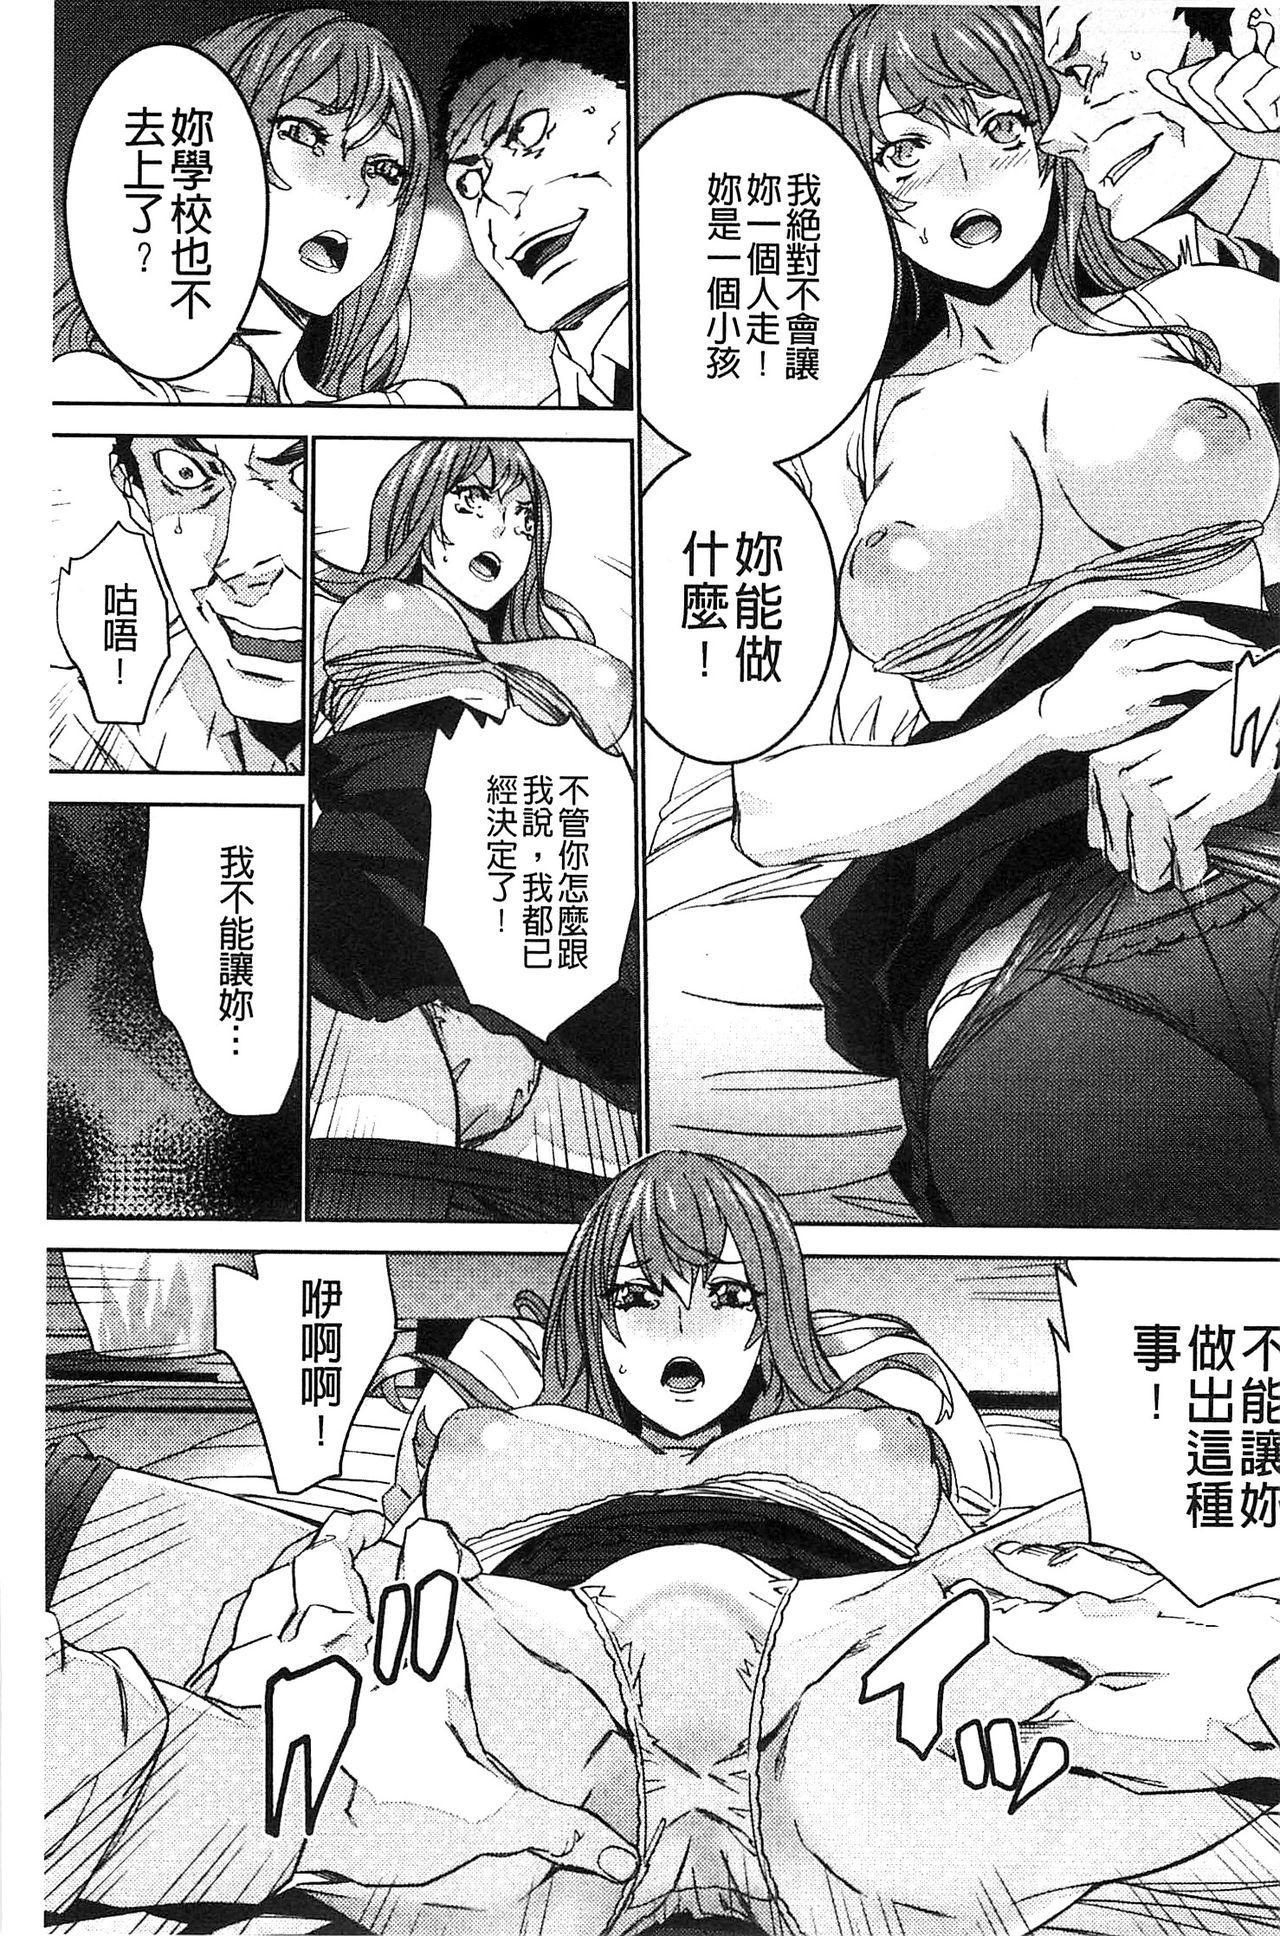 Zoku Meishiiku 149